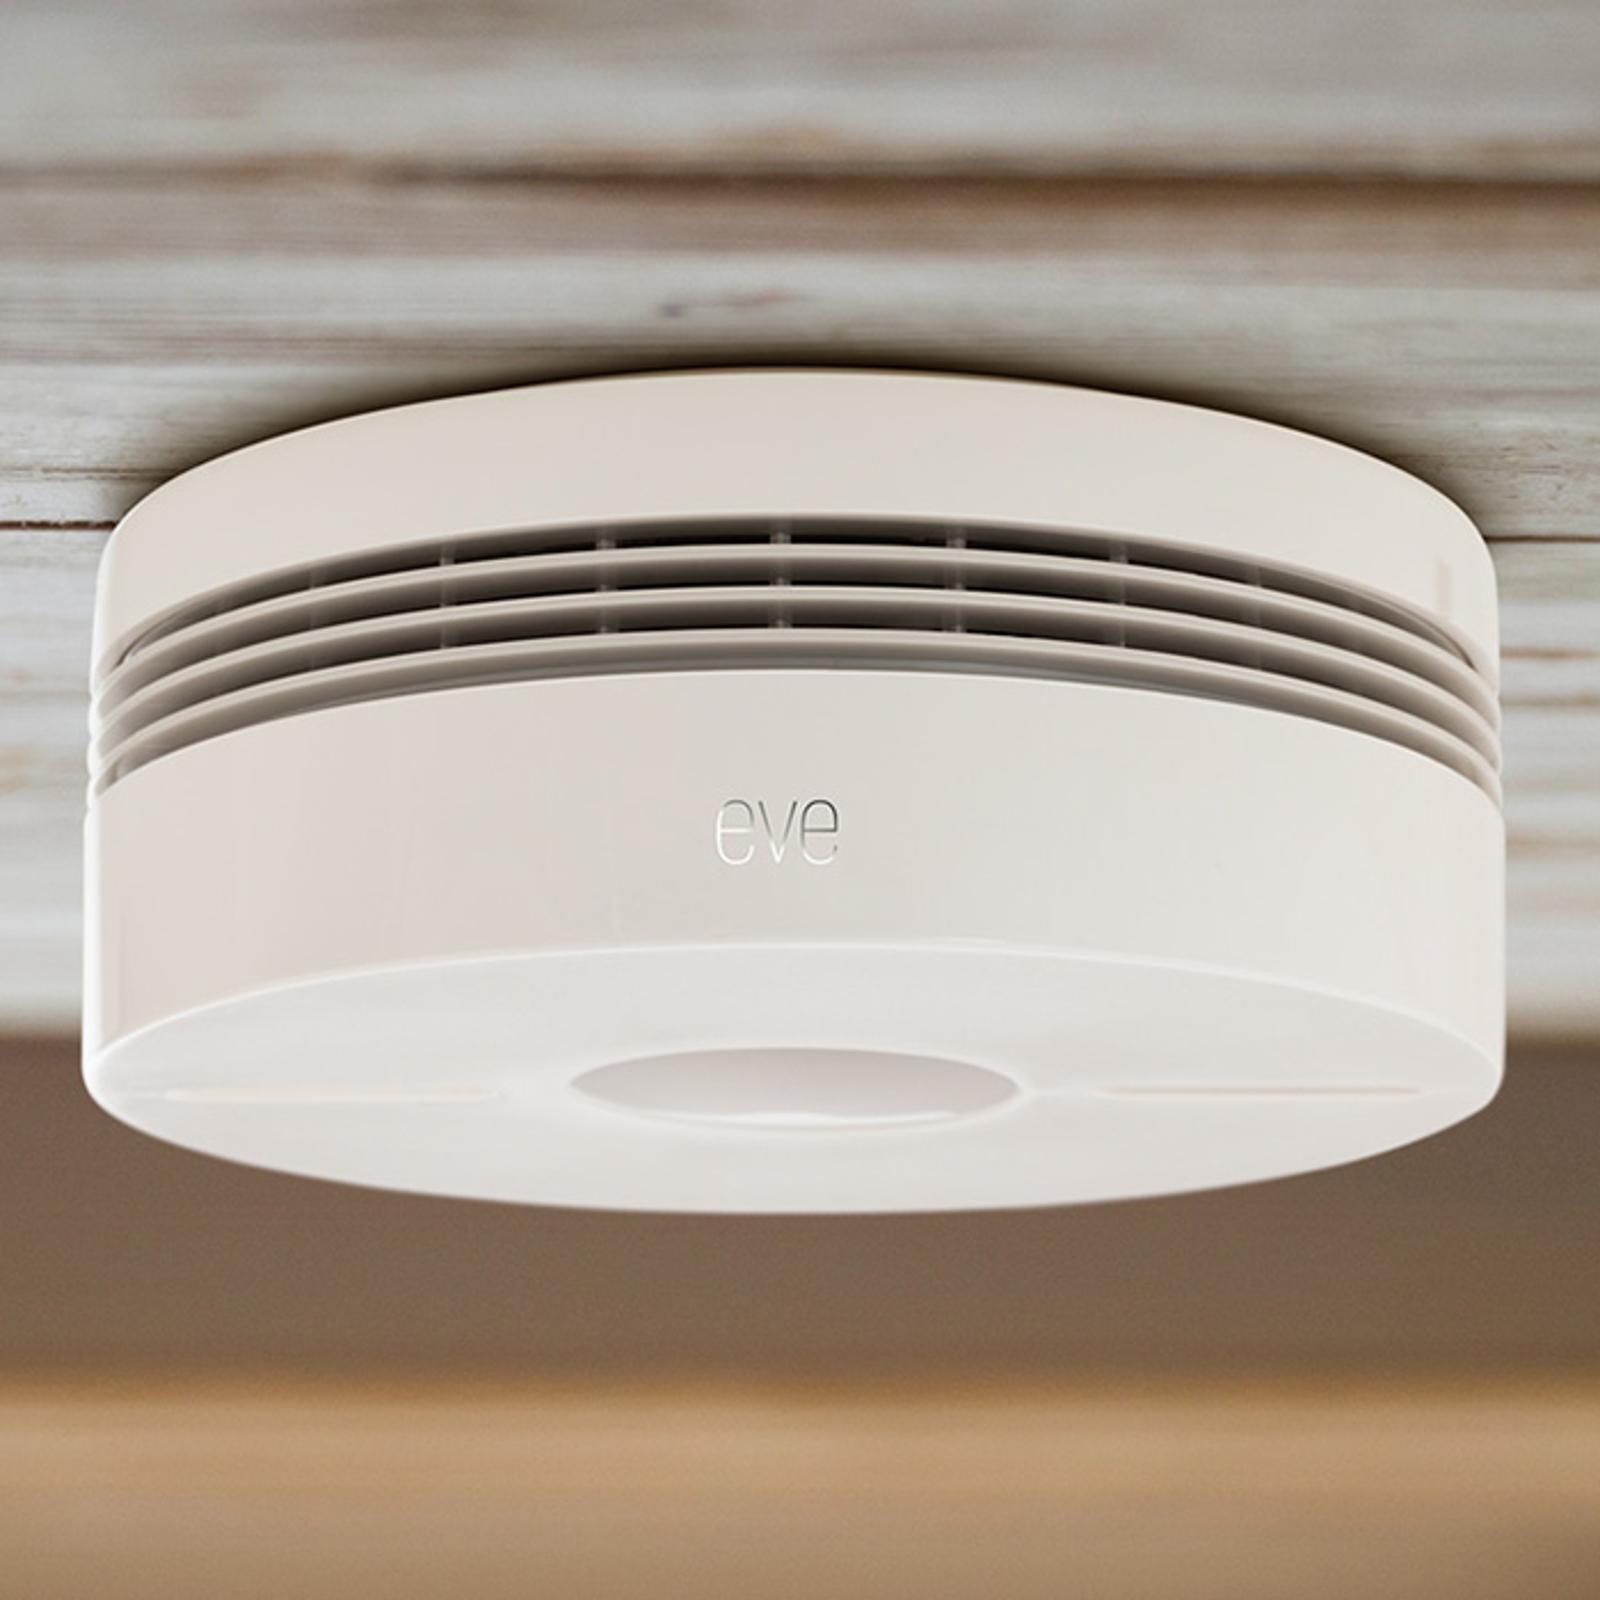 Eve Smoke Smart Home détecteur de fumée